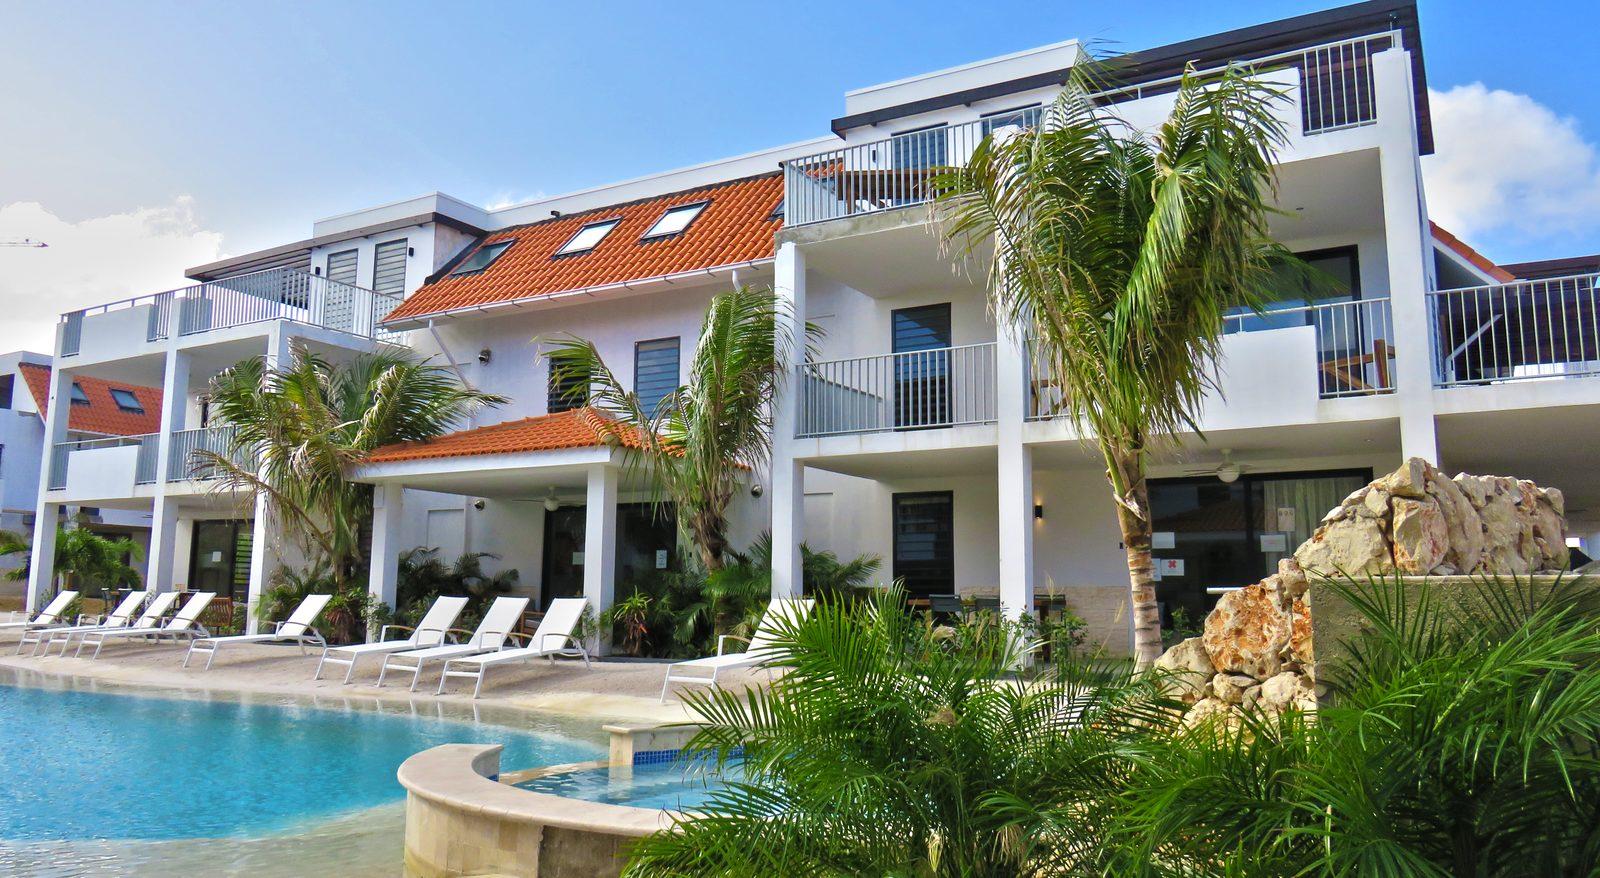 Bonaire resorts